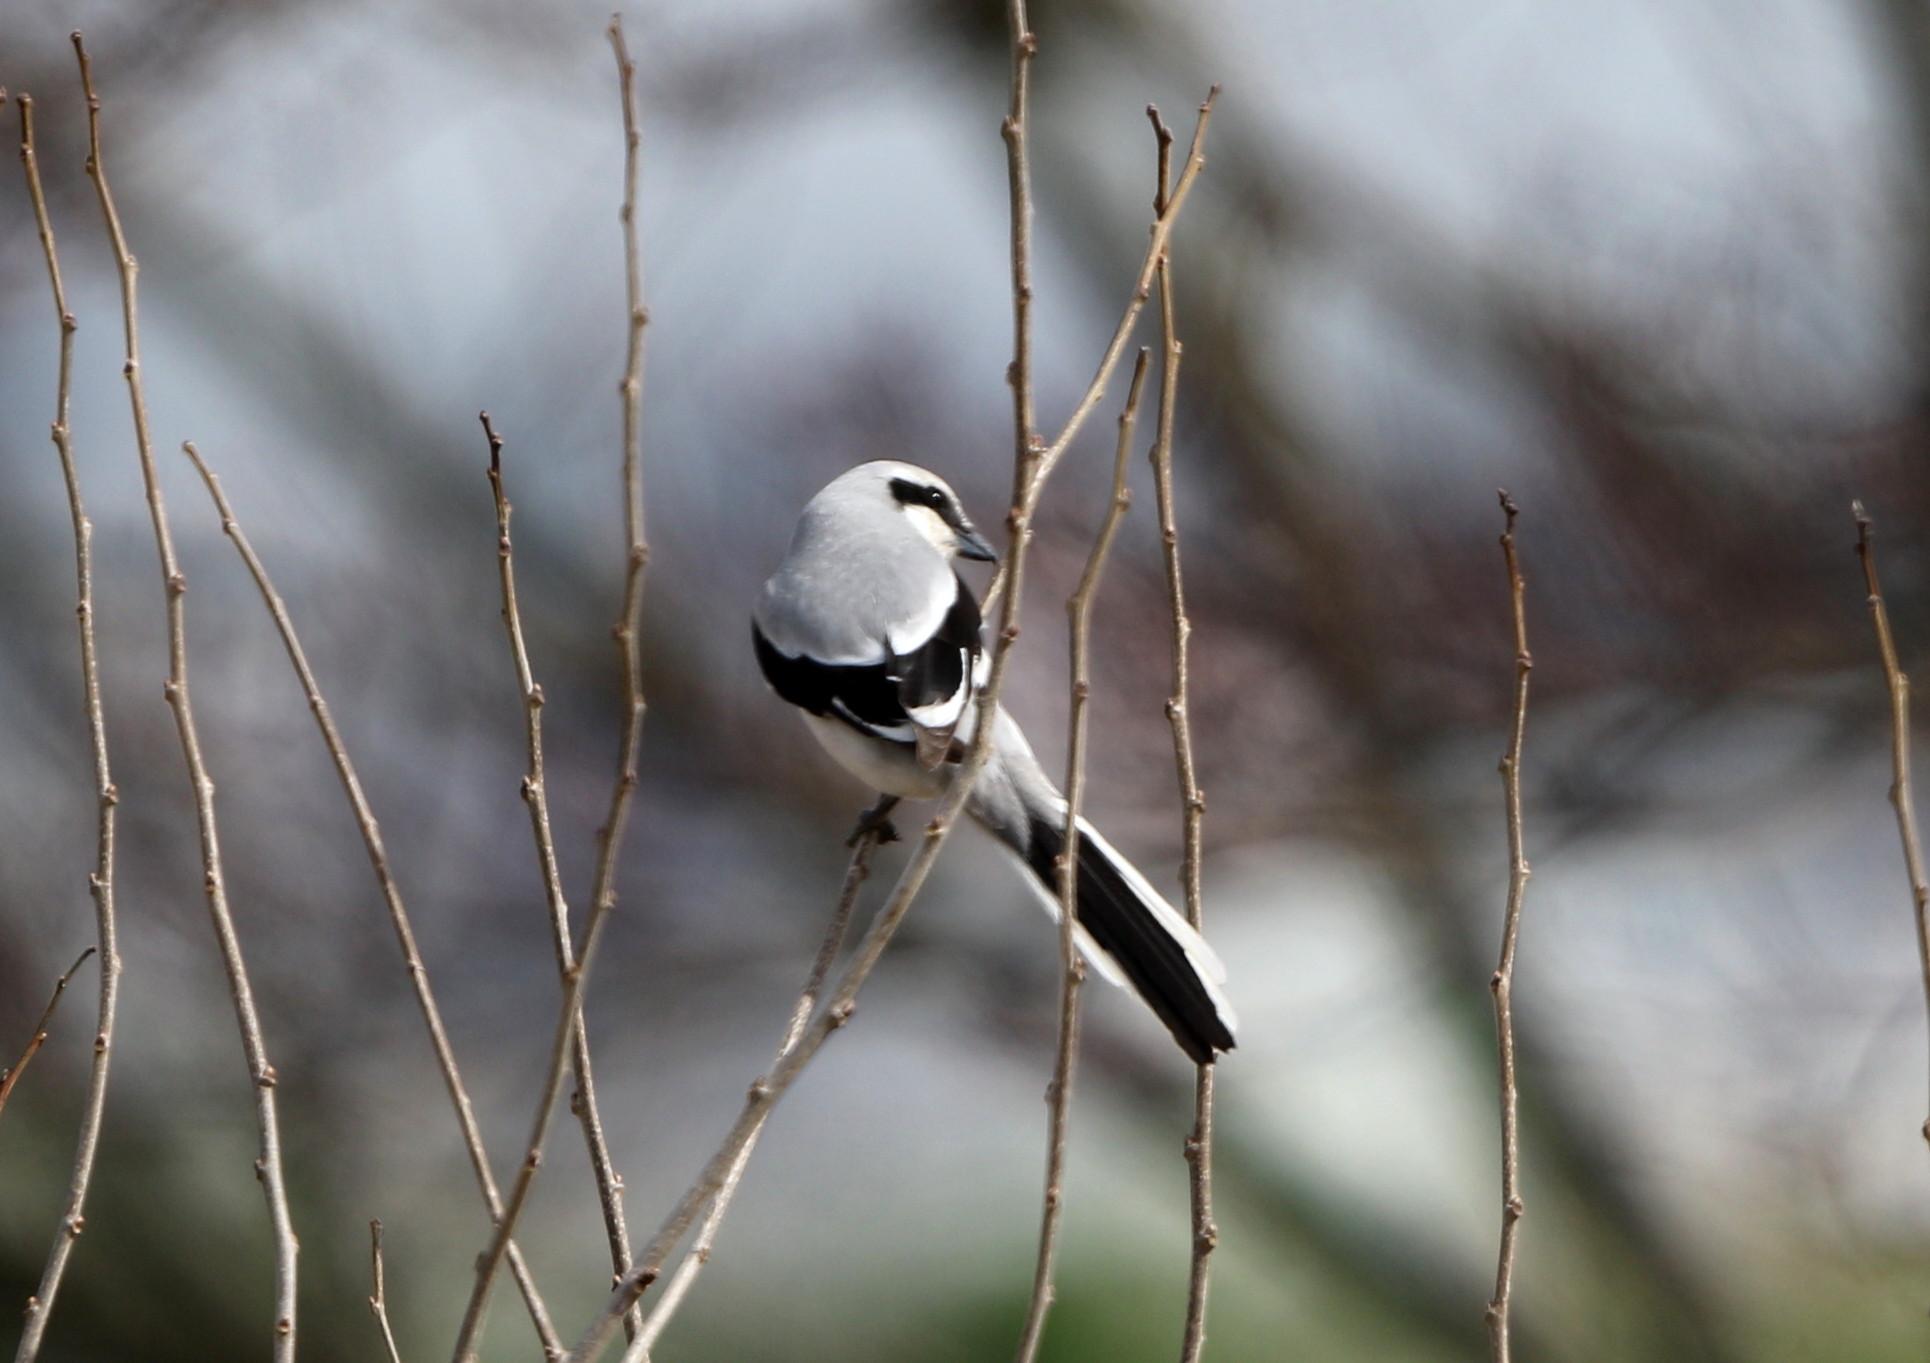 珍鳥オオカラモズに逢いに出かけてきました_f0239515_2125844.jpg